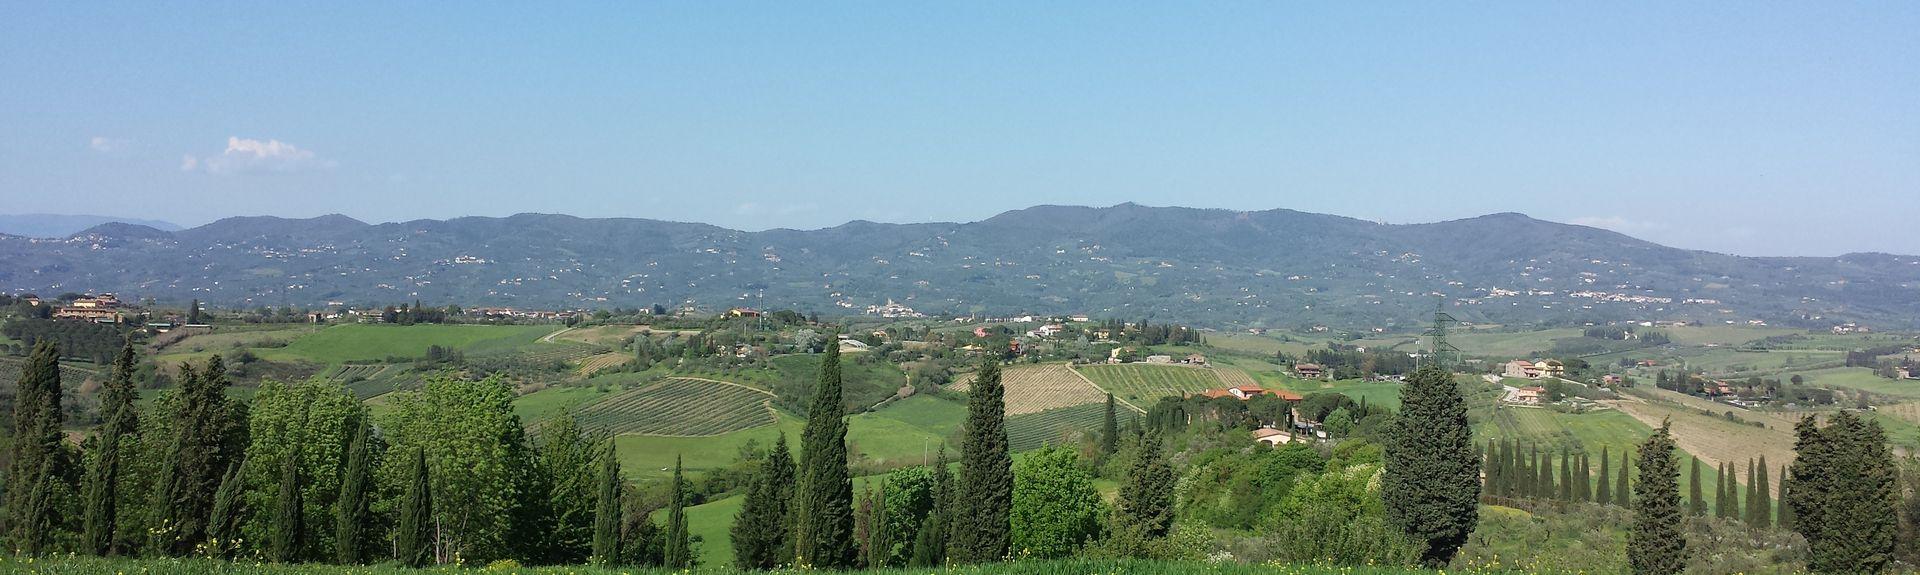 Poggio Alla Baghera, Pistoia, Tuscany, Italy